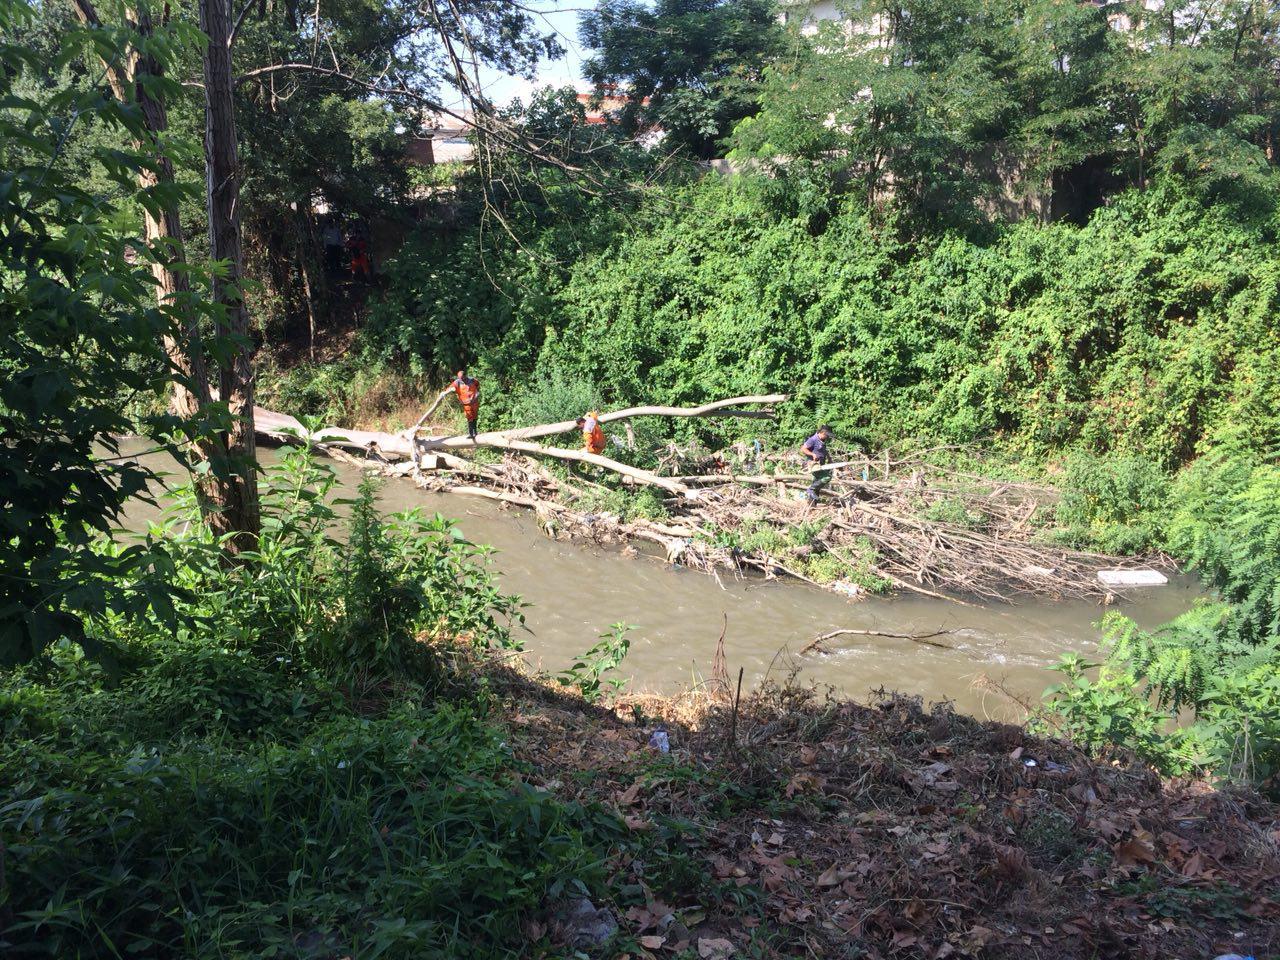 ادامه پاکسازی حاشیه رودخانه های شهر رشت